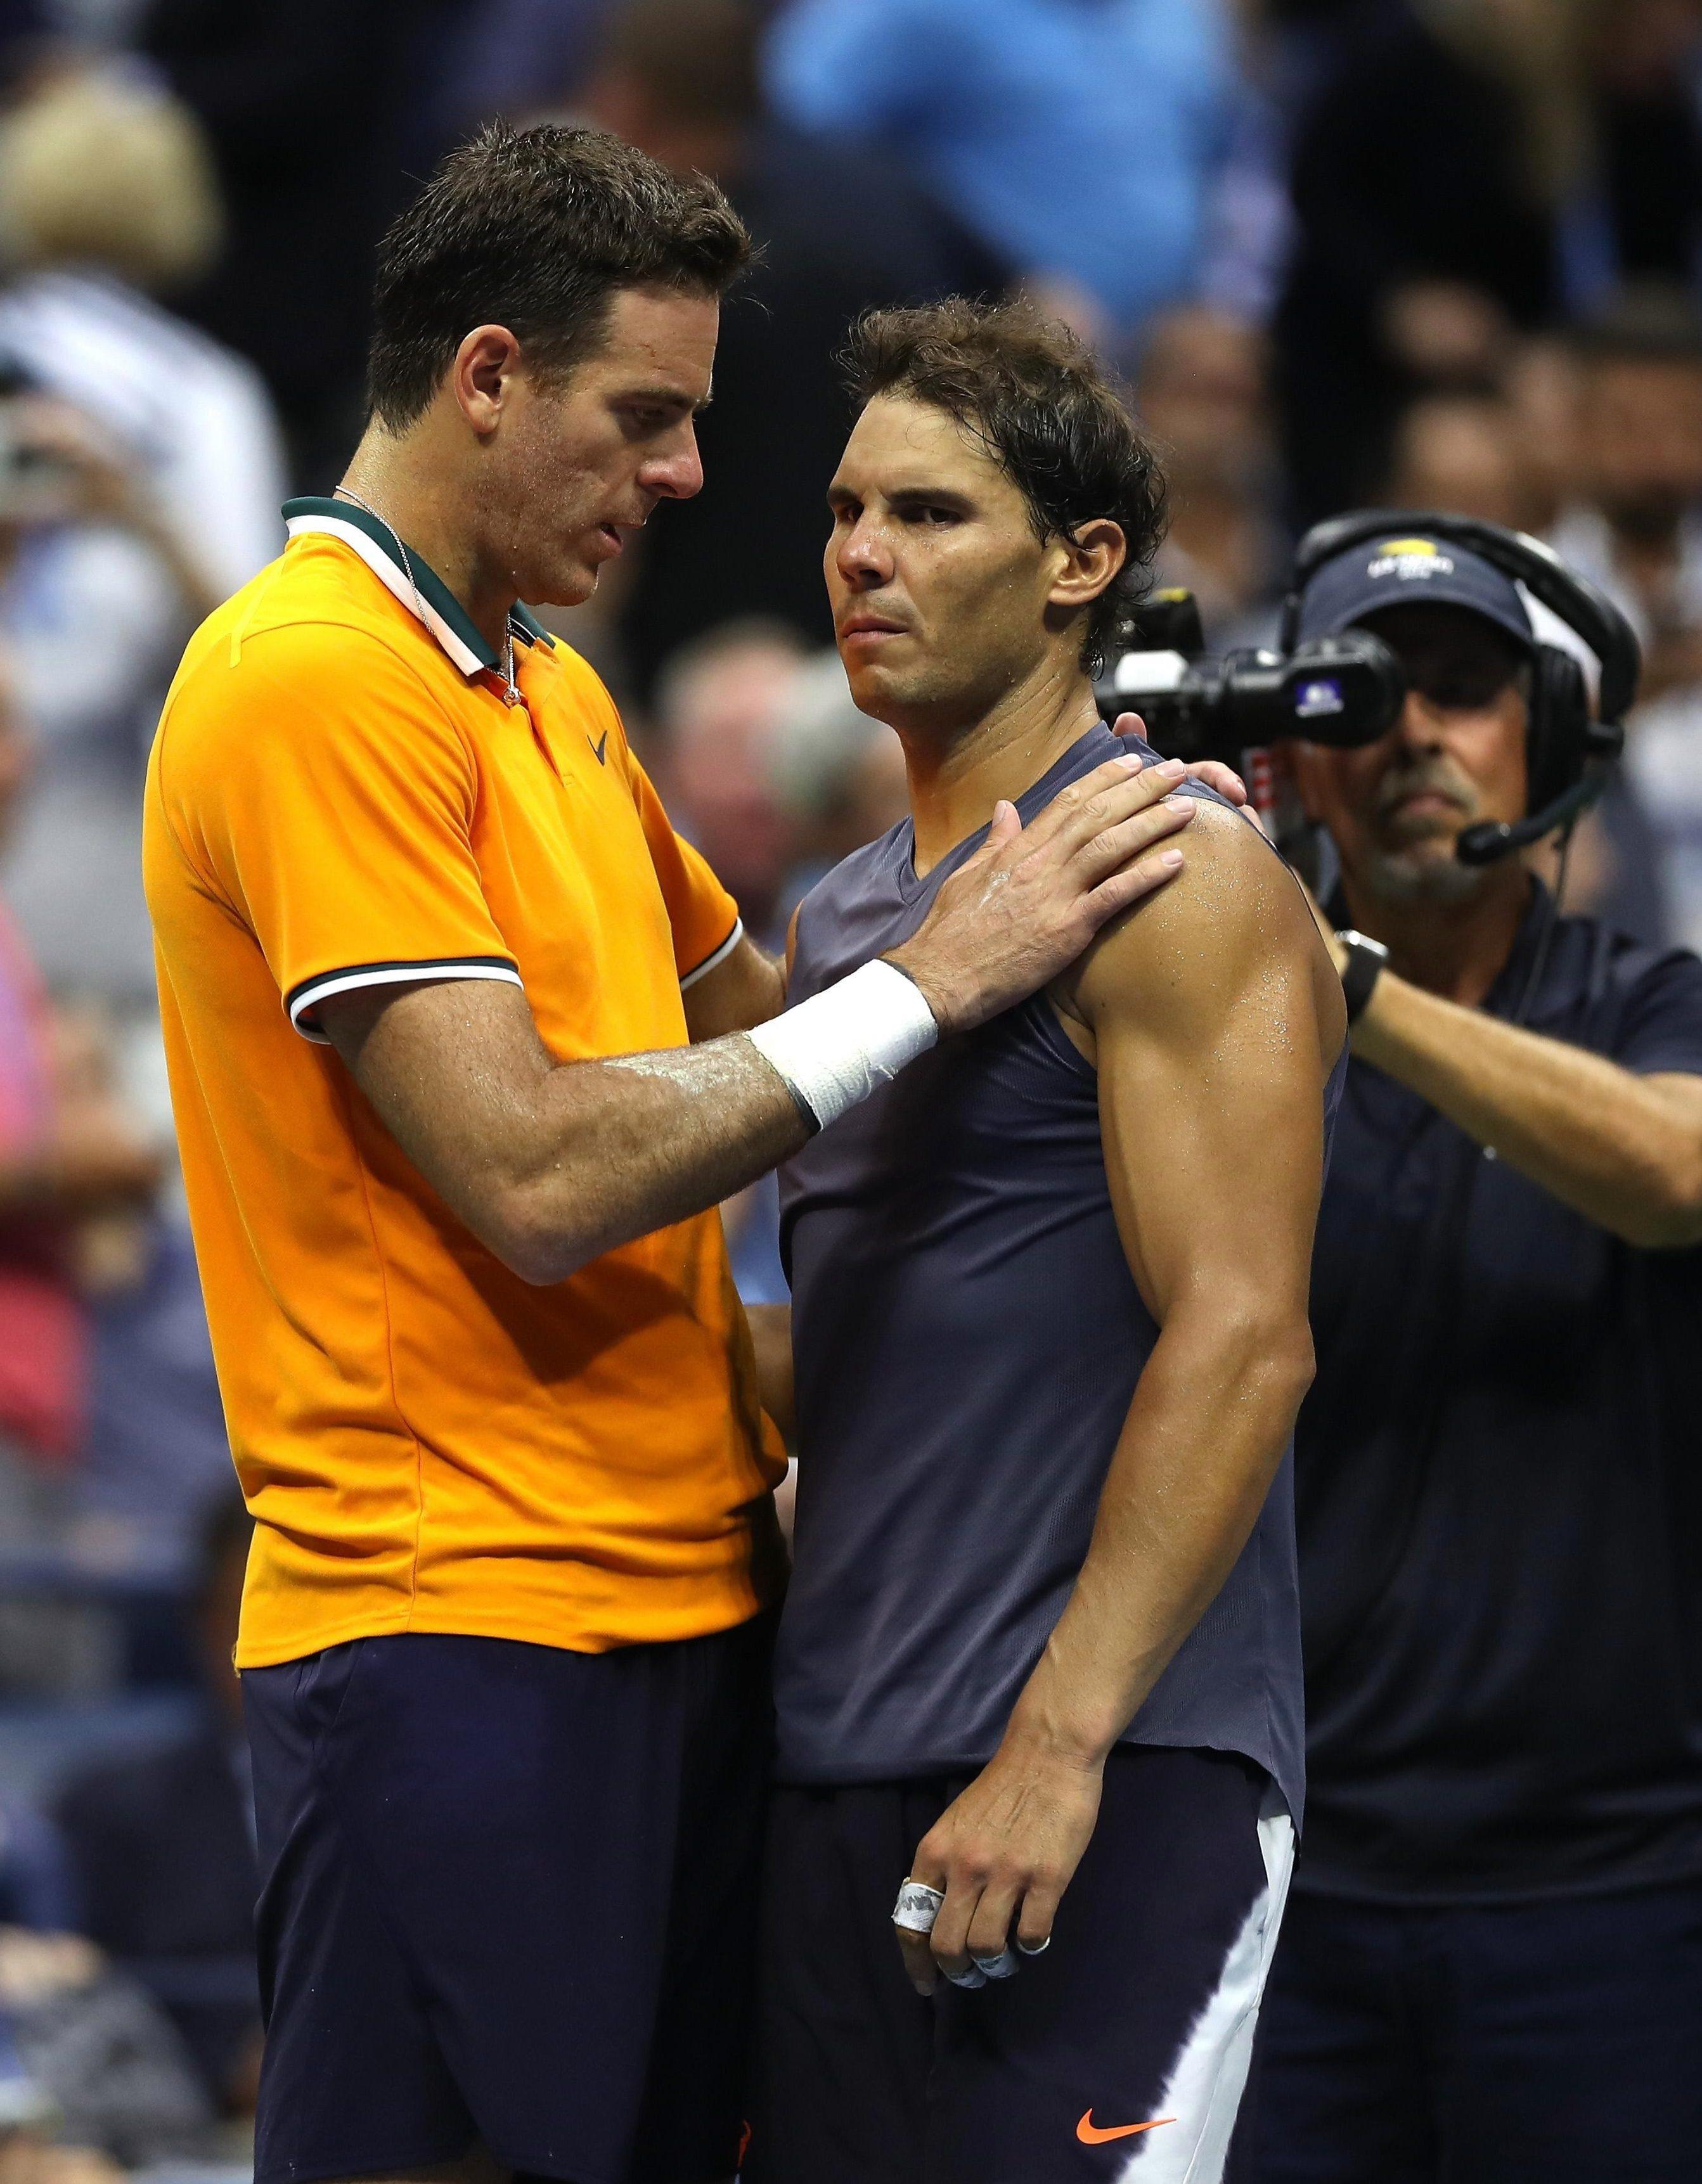 Juan Martin del Potro consoles Rafael Nadal following the match